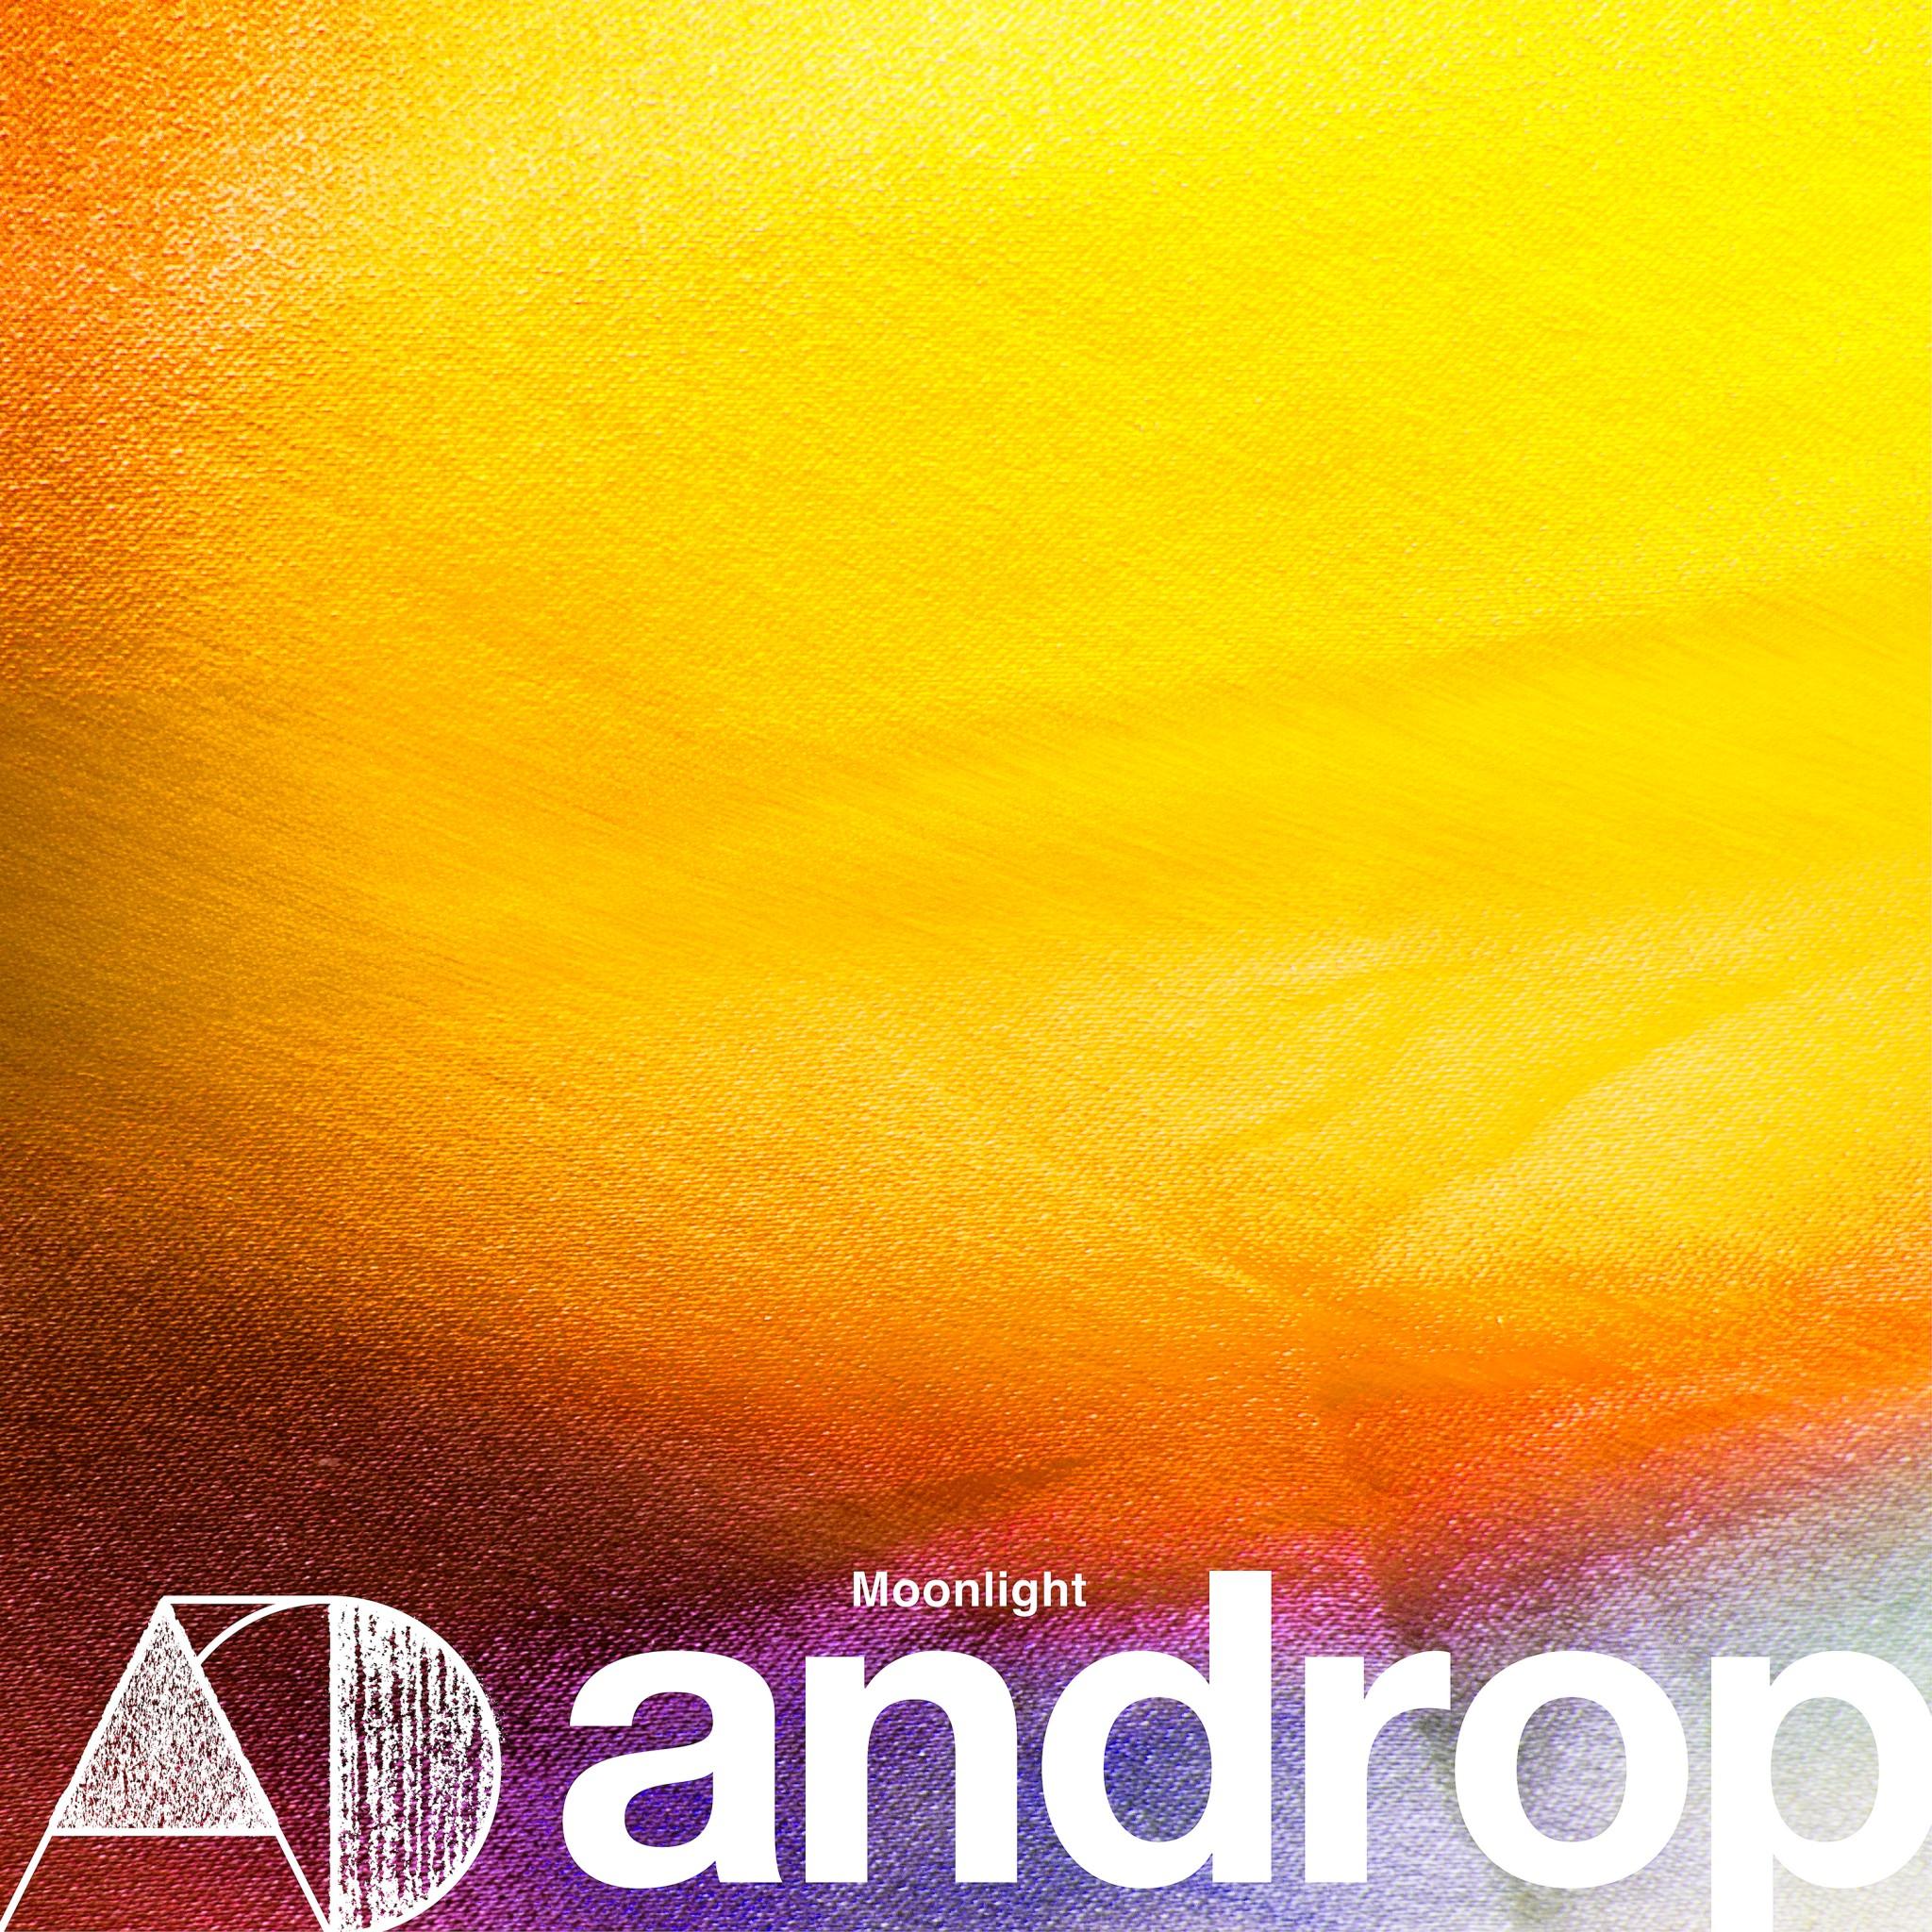 androp - Moonlight